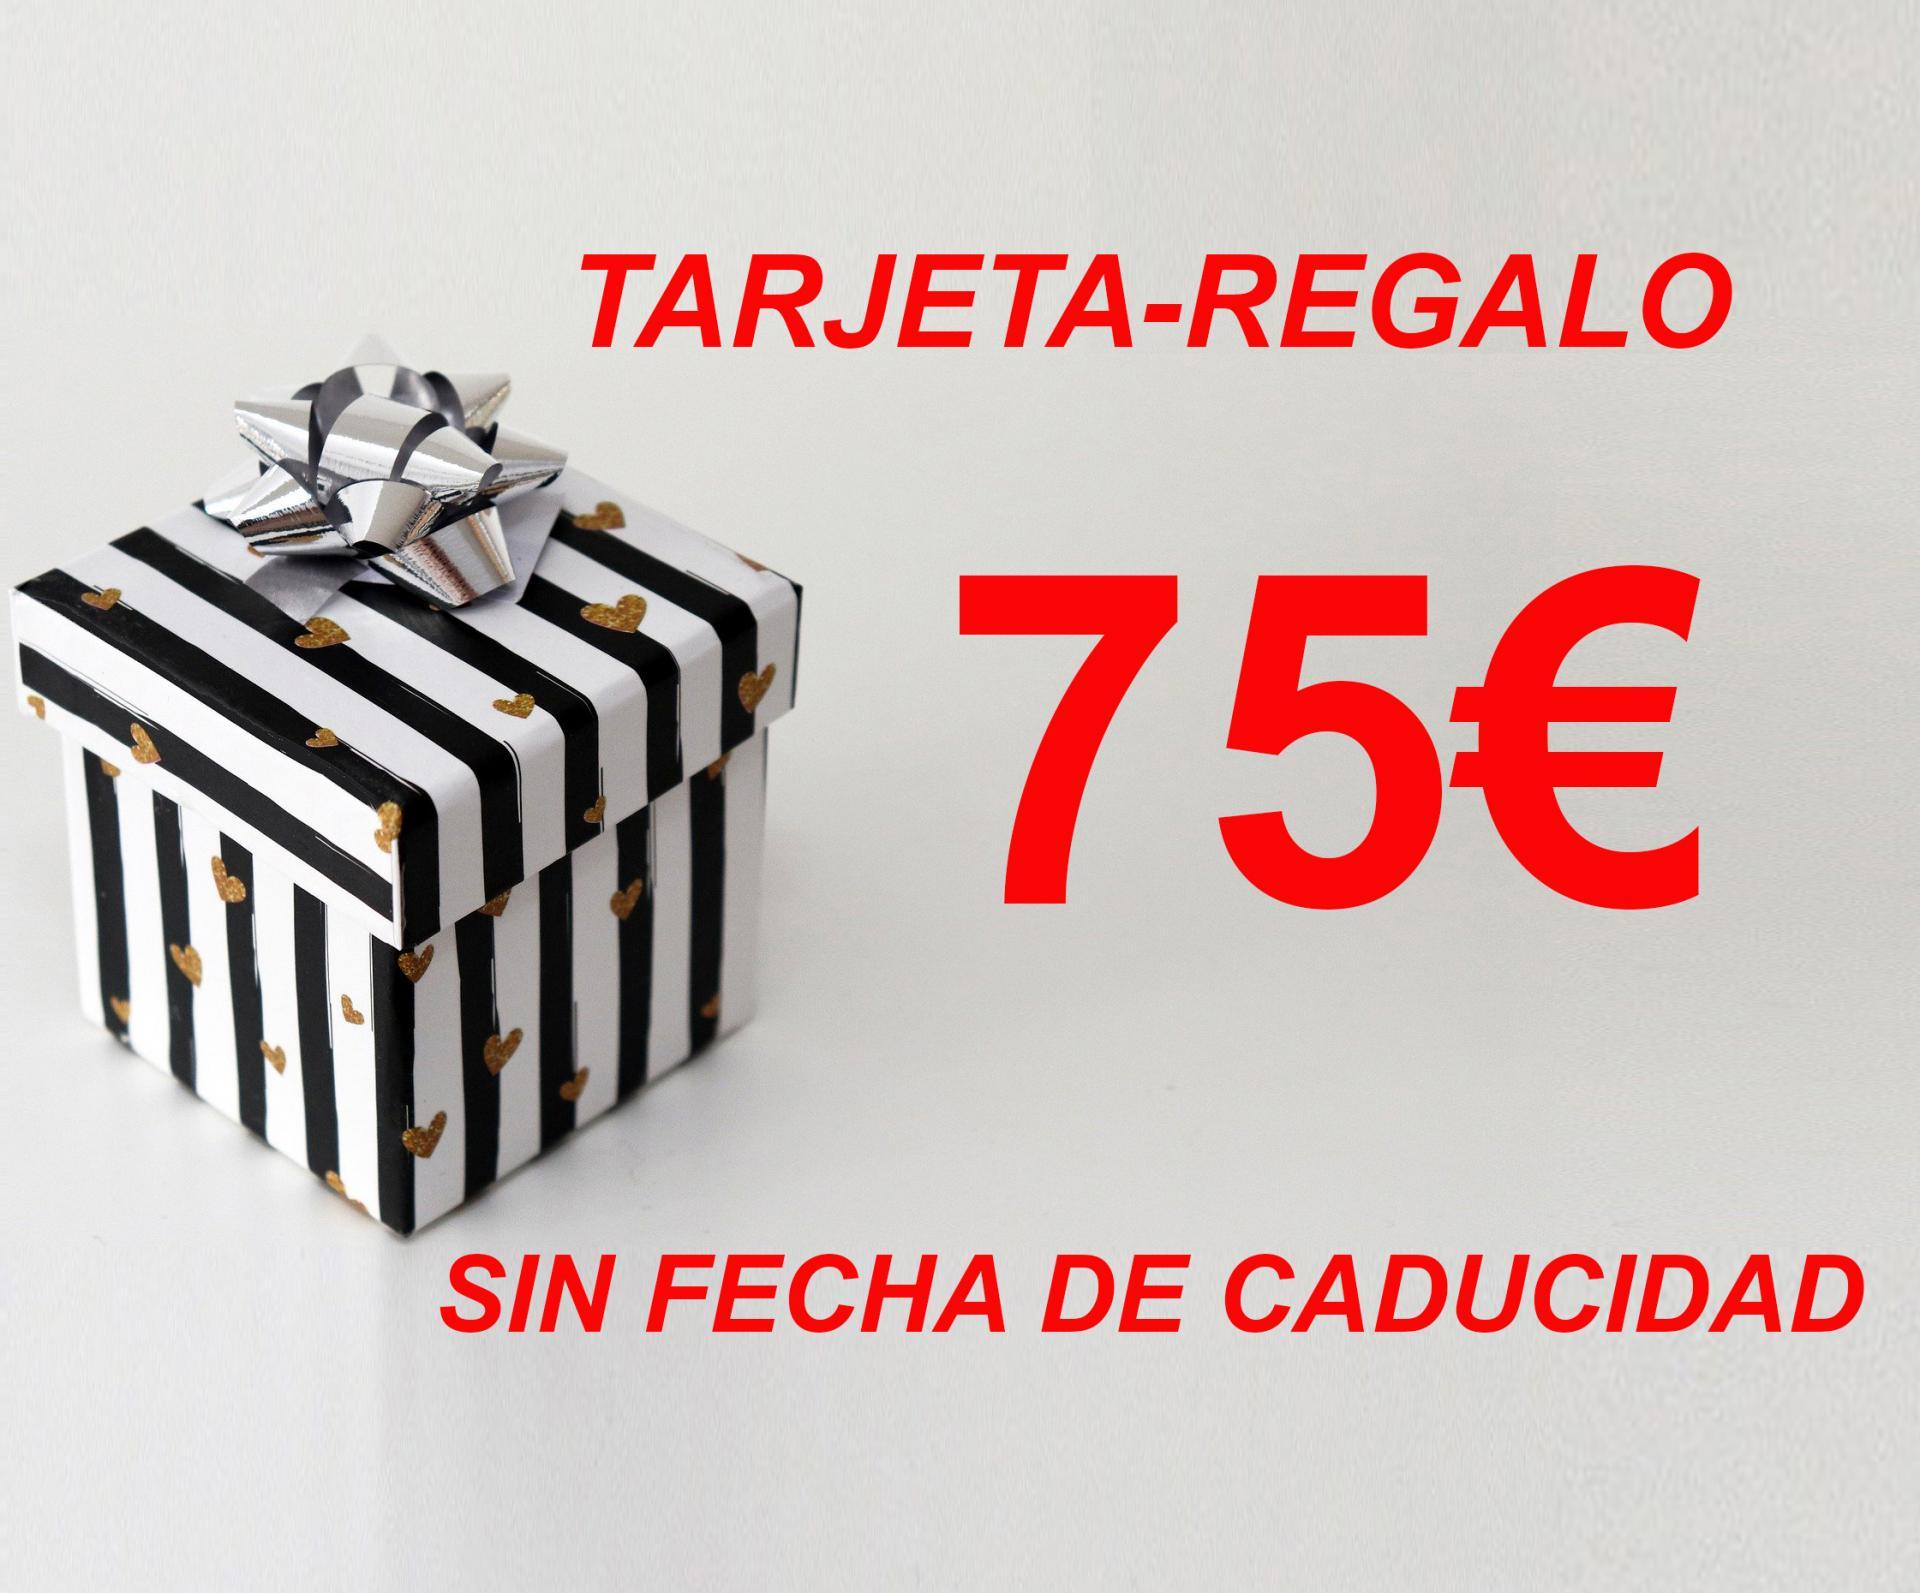 TARJETA-REGALO 75€